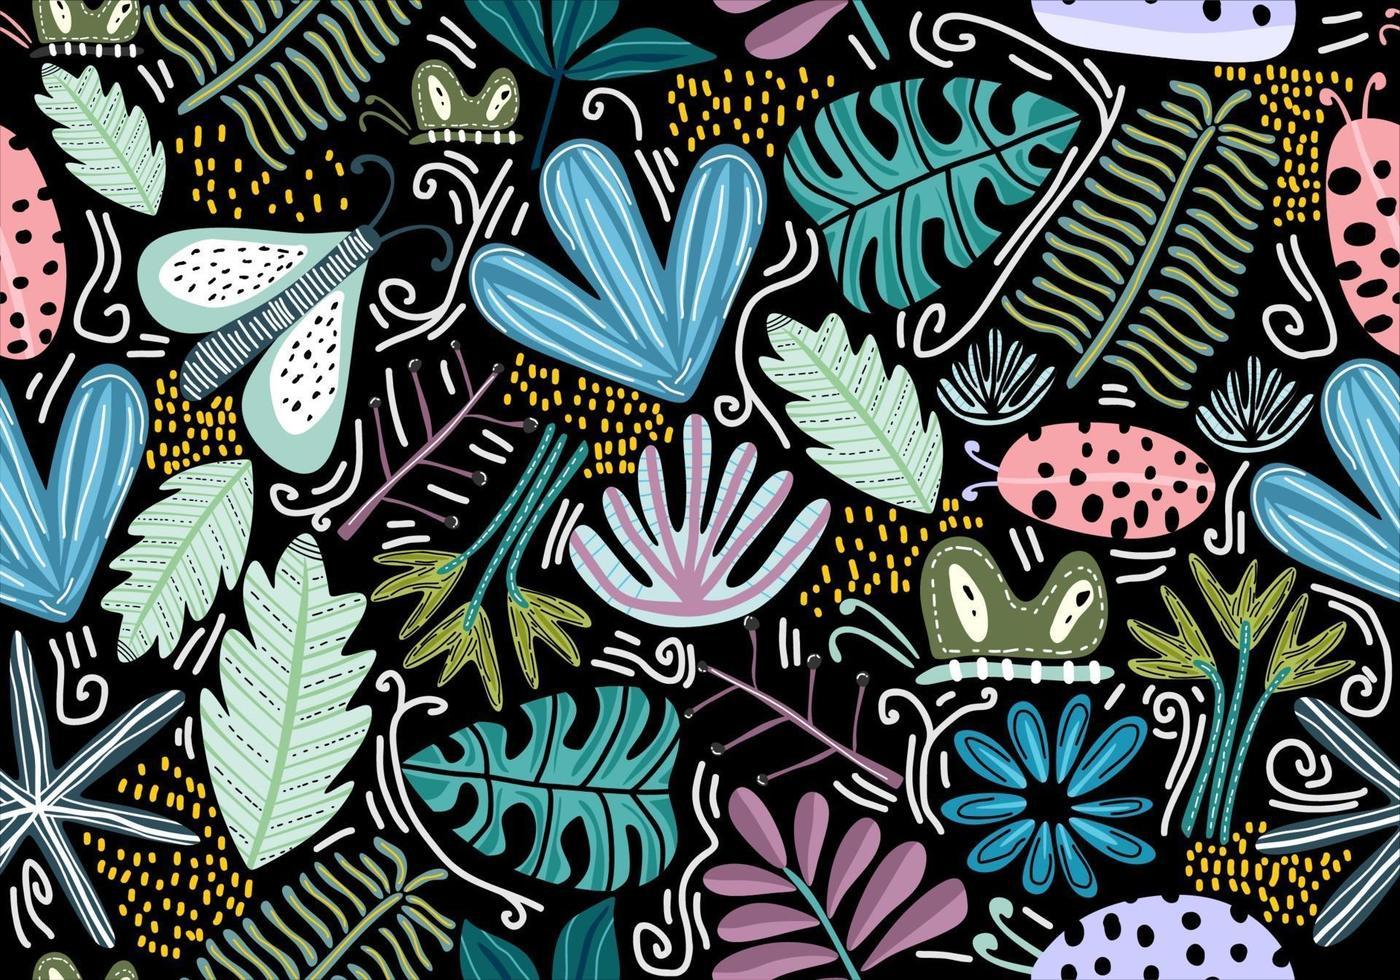 patrón transparente con flores decorativas. vector